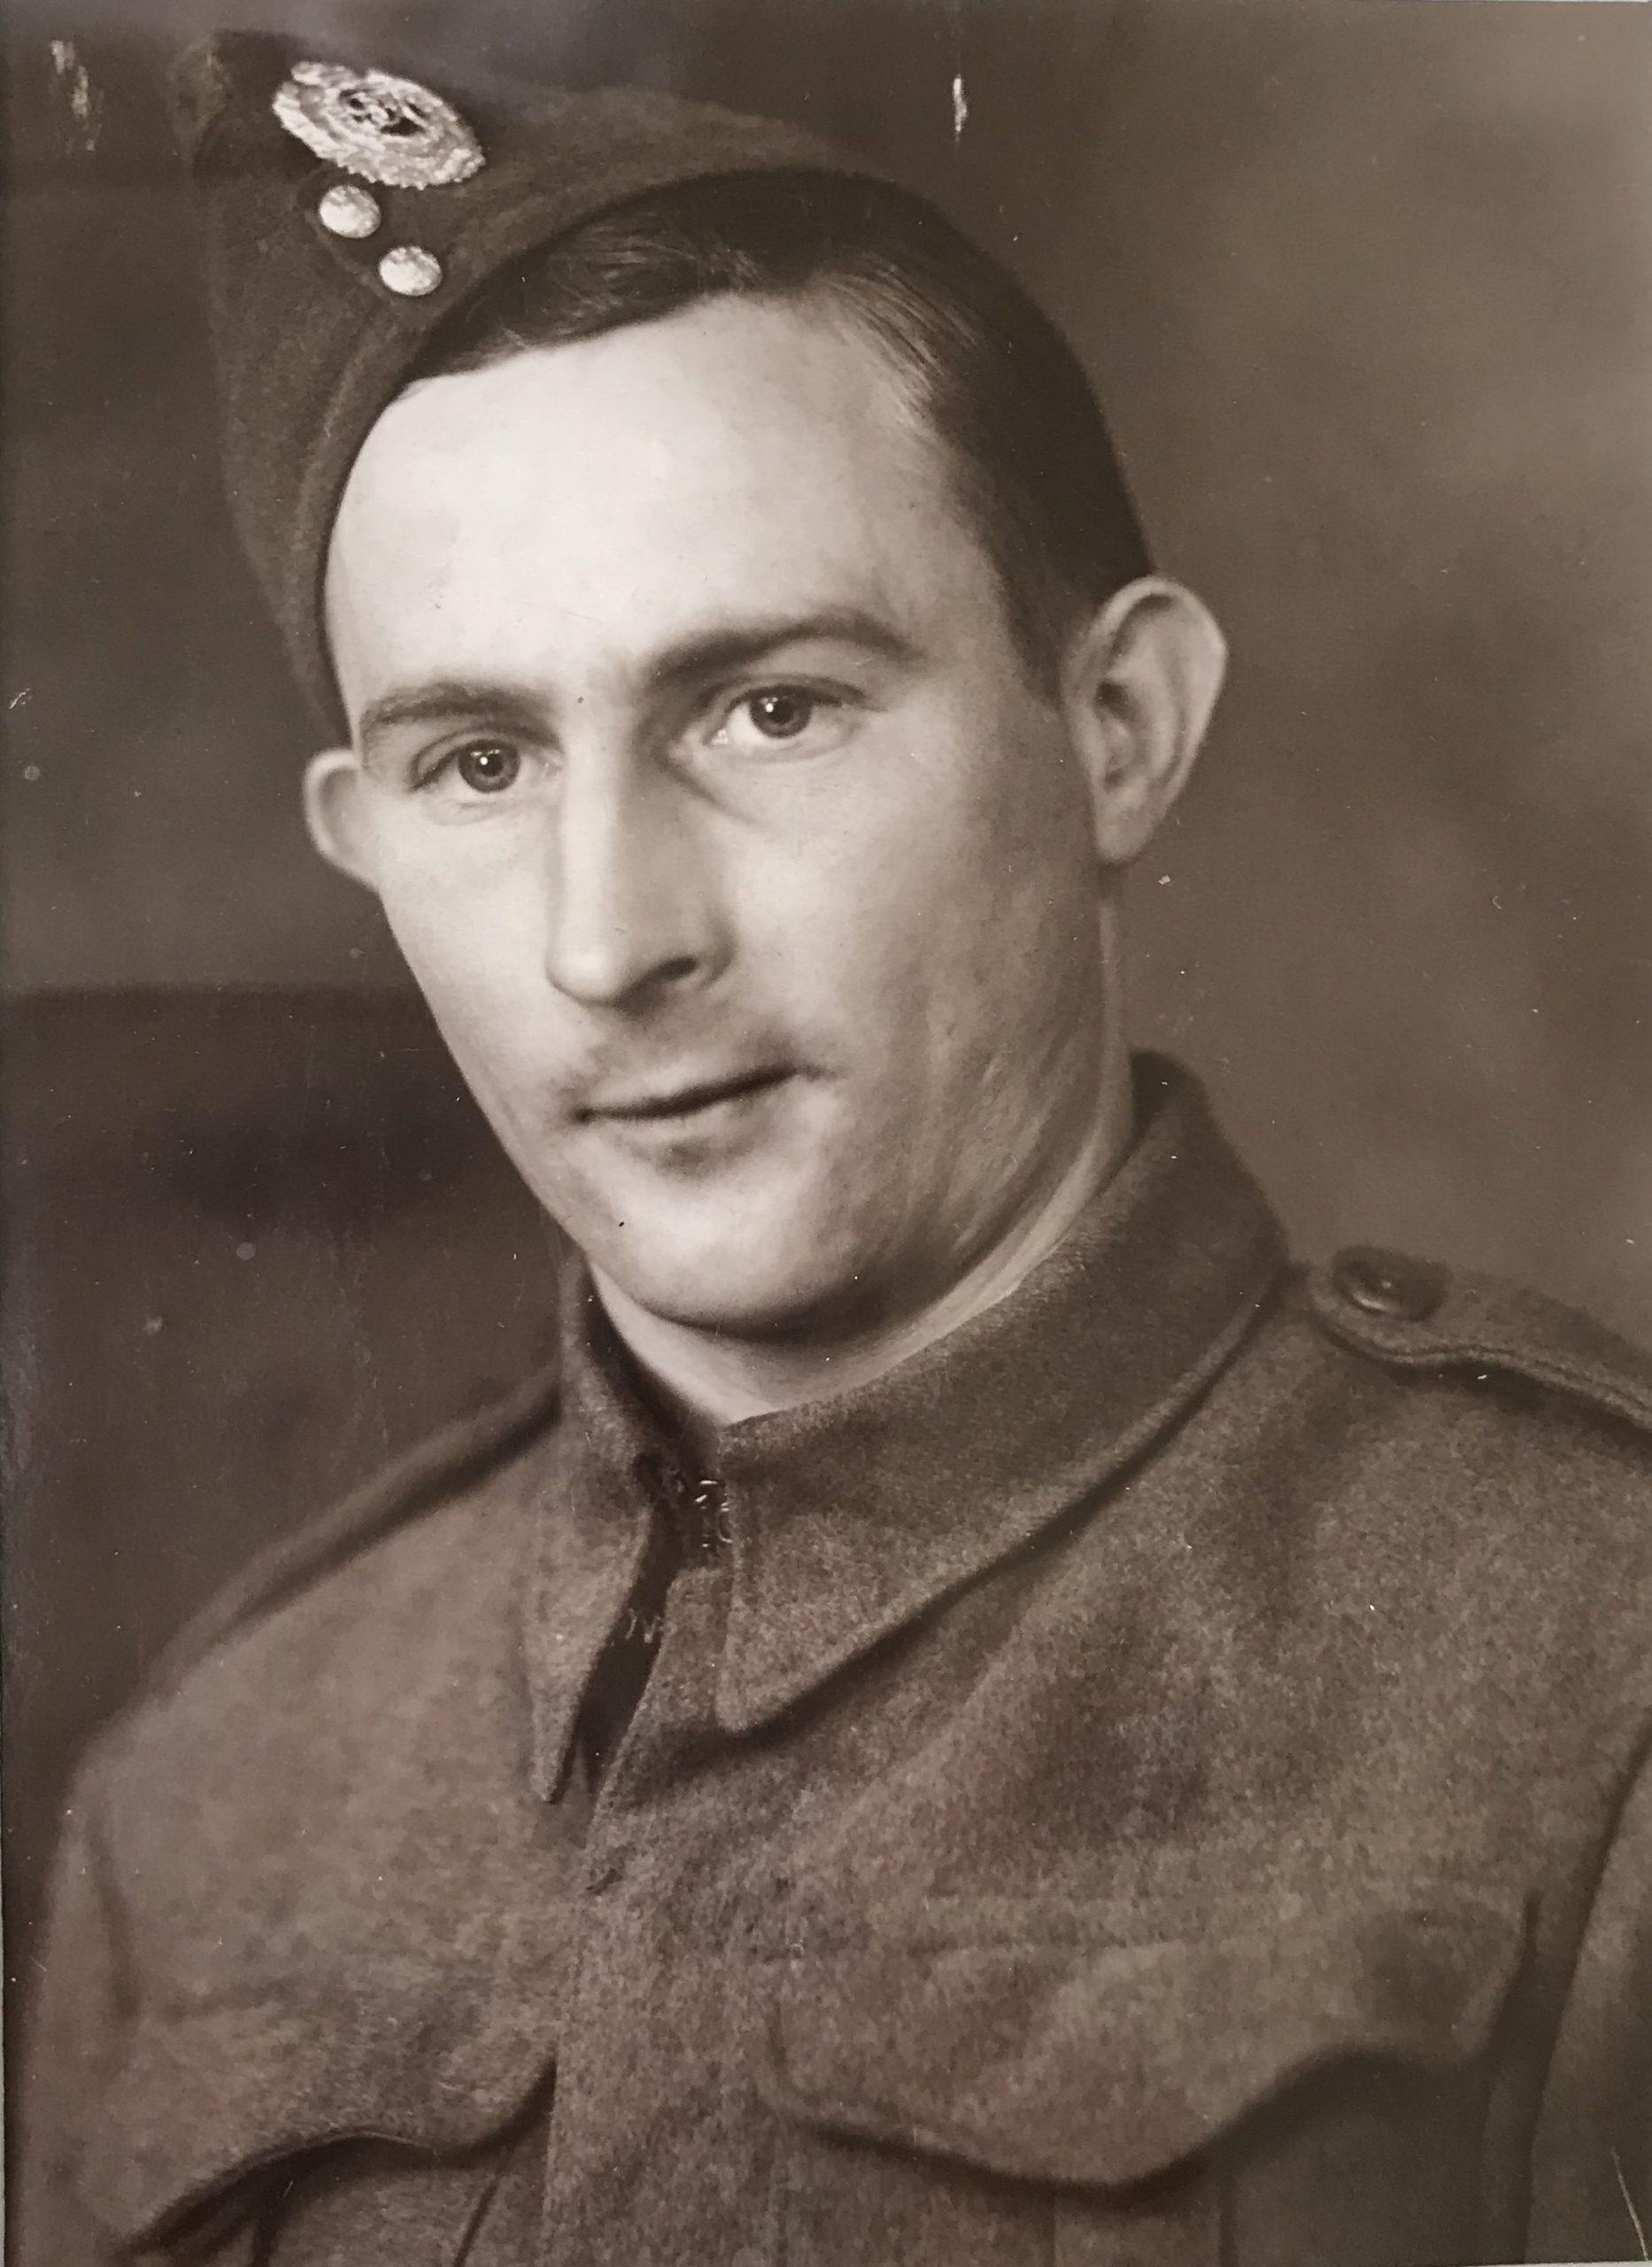 Ernest (Ernie) Hill in WW2